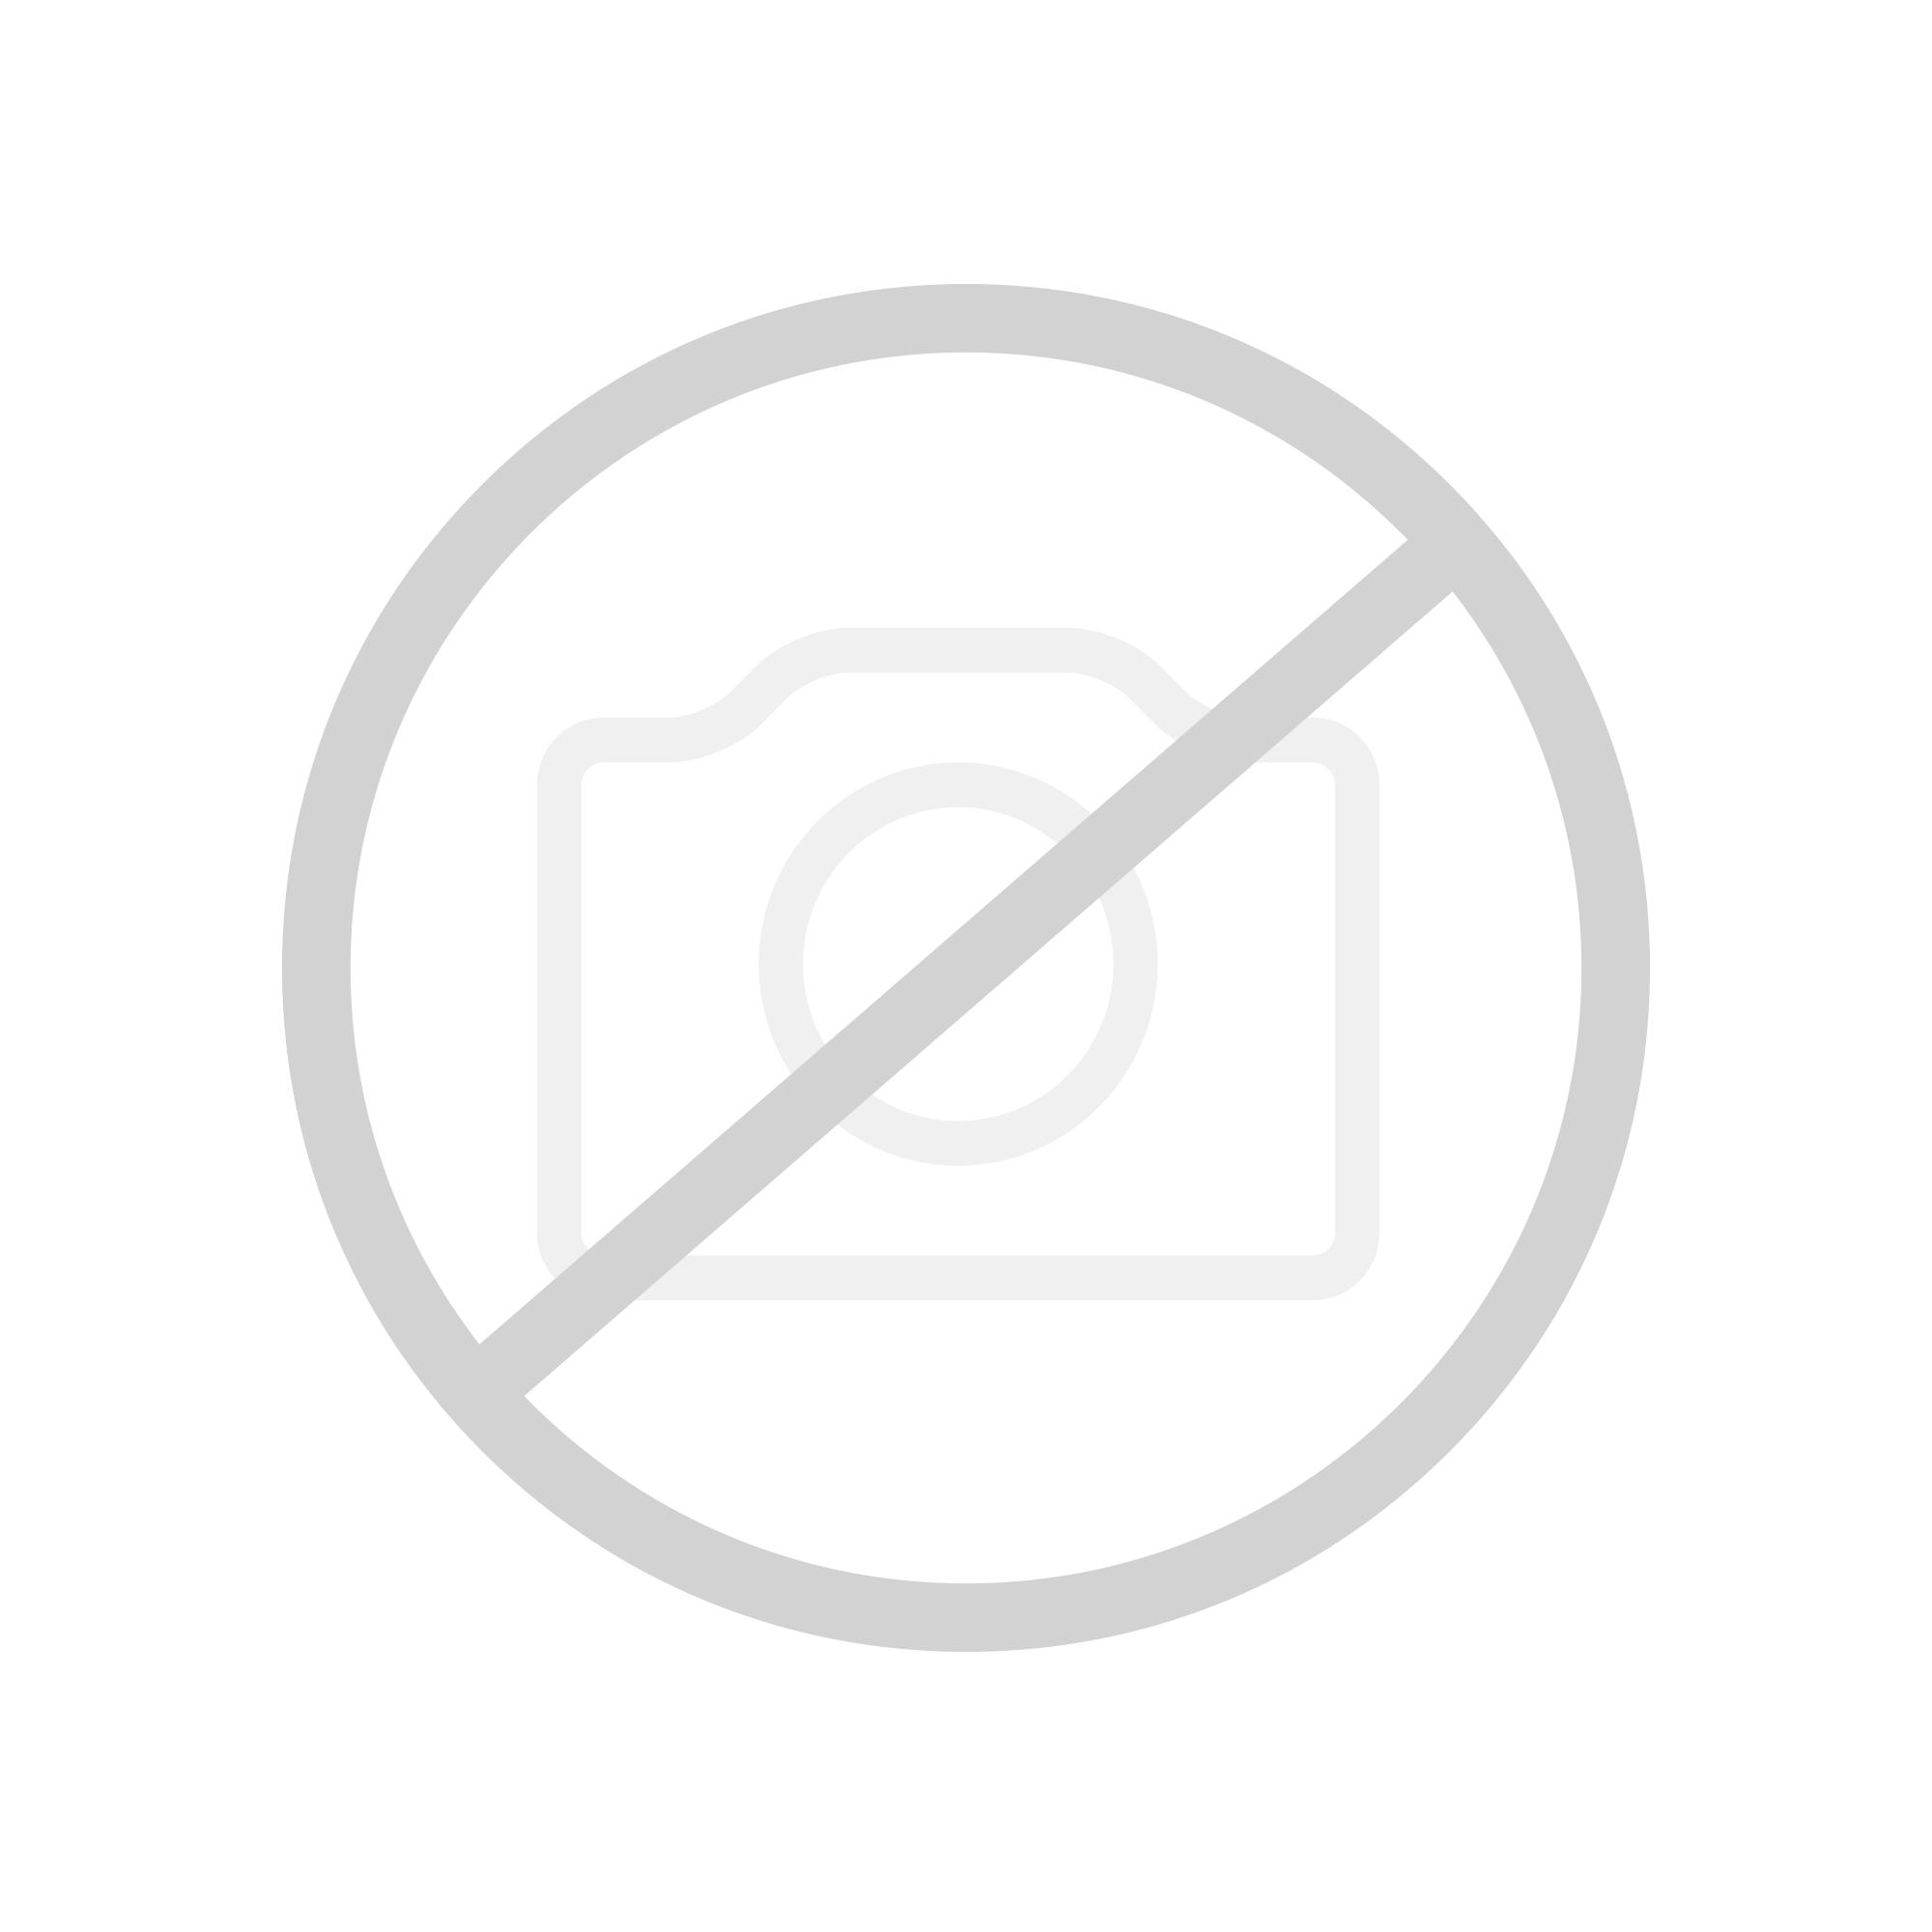 TOX Stand-WC- und Ablagen-Befestigung WC-E, weiß 04510152/S